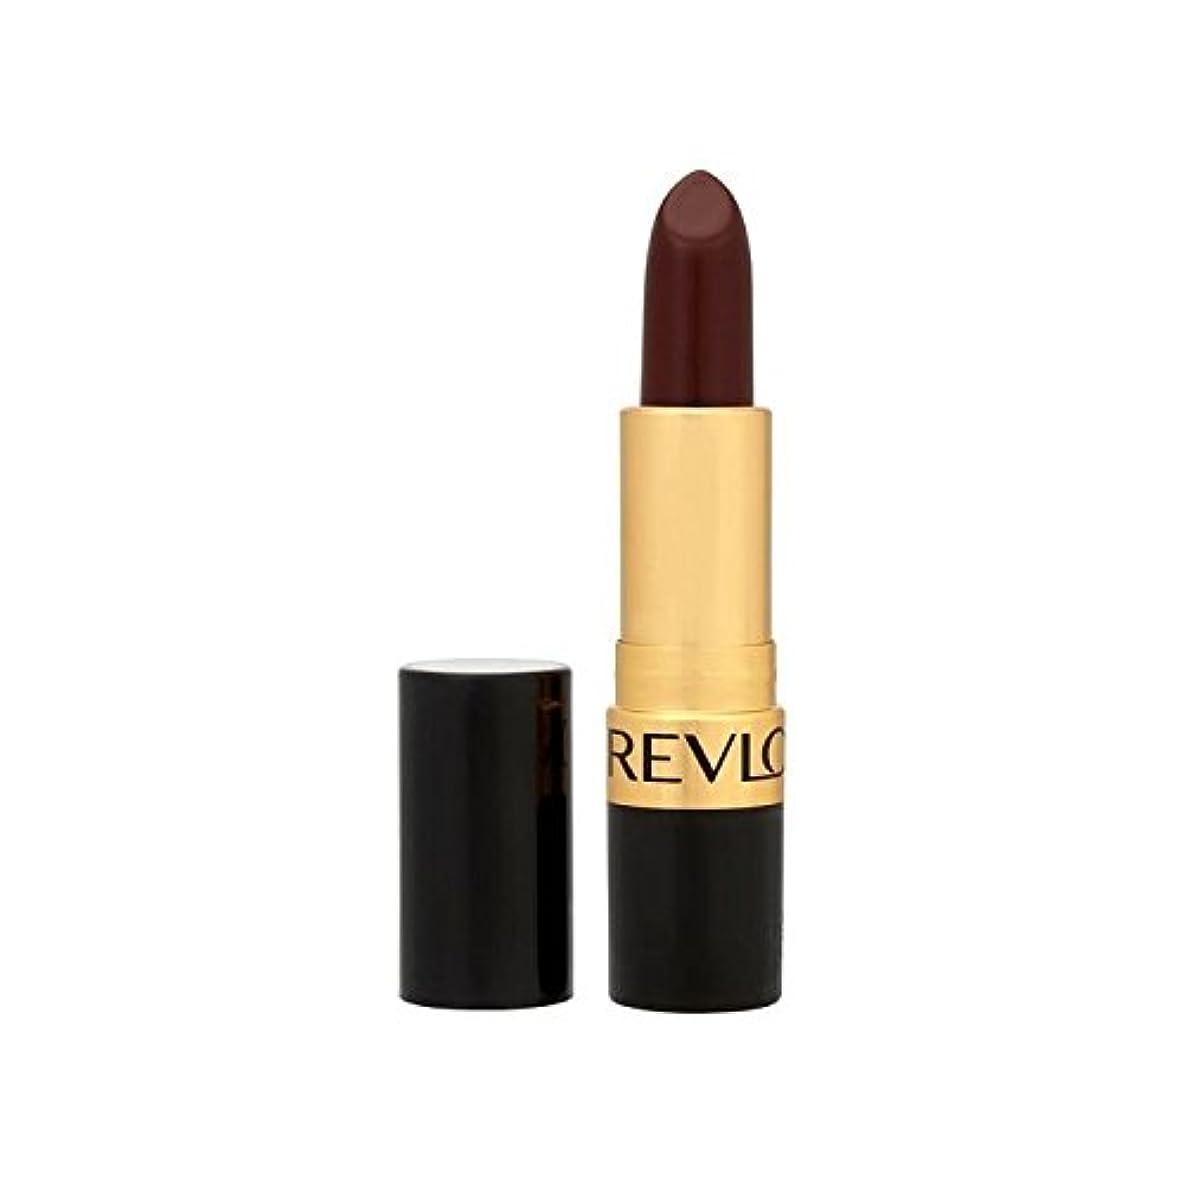 スーパーとげのある賞賛レブロンスーパー光沢のある口紅ブラックチェリー477 x2 - Revlon Super Lustrous Lipstick Black Cherry 477 (Pack of 2) [並行輸入品]